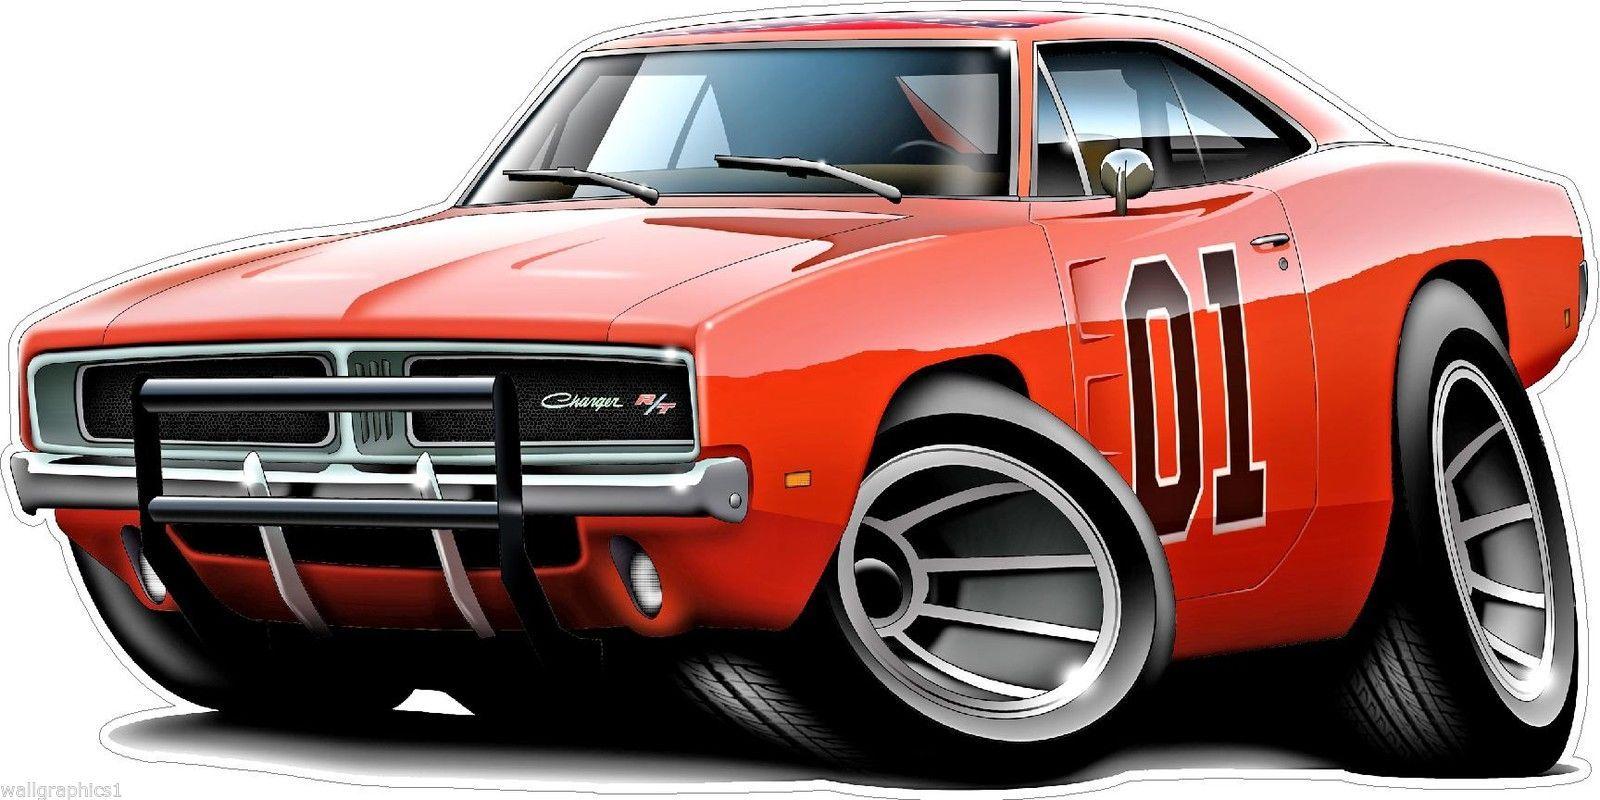 1600x800 General Lee General Lee My Dream Car Cars Toons